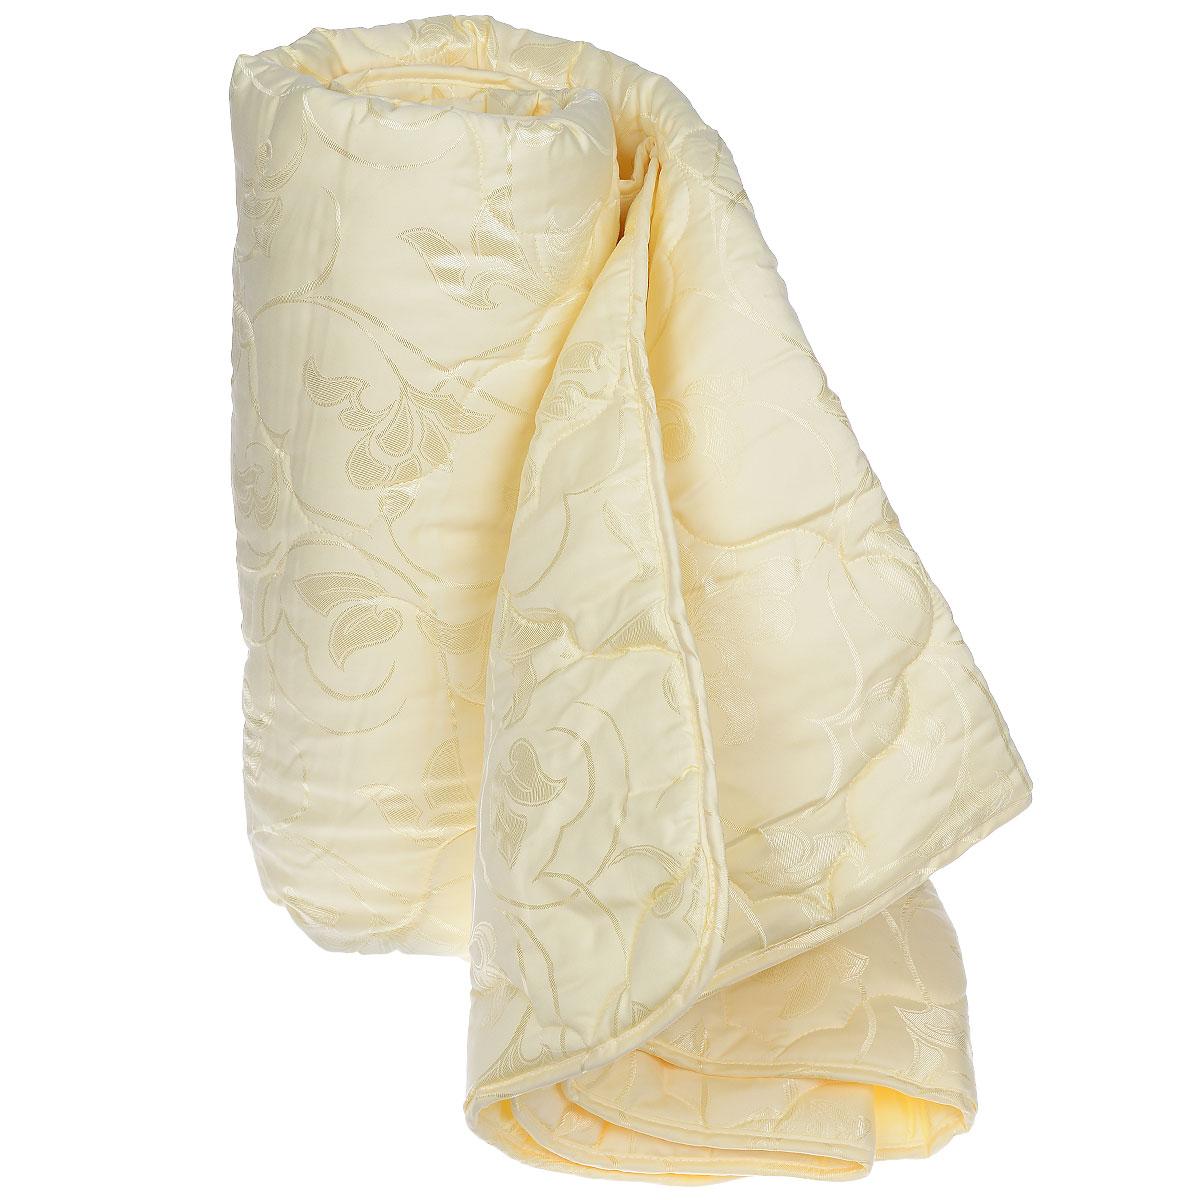 Одеяло Sova & Javoronok, наполнитель: шелковое волокно, цвет: бежевый, 200 см х 220 см05030116086Чехол одеяла Sova & Javoronok выполнен из благородного сатина бежевого цвета. Наполнитель - натуральное шелковое волокно.Особенности наполнителя: - обладает высокими сорбционными свойствами, создавая эффект сухого тепла; - регулирует температурный режим; - не вызывает аллергических реакций. Шелк всегда считался одним из самых элитных и роскошных материалов. Очень нежный, легкий, шелк отлично приспосабливается к температуре тела и окружающей среды. Летом с подушкой из шелка вы чувствуете прохладу, зимой - приятное тепло. В натуральном шелке не заводится и не живет пылевой клещ, также шелк обладает бактериостатическими свойствами (в нем не размножаются патогенные бактерии), в нем не живут и не размножаются грибки и сапрофиты. Натуральный шелк гипоаллергенен и рекомендован людям с аллергическими реакциями. При впитывании шелком влаги до 30% от собственного веса он остается сухим на ощупь. Натуральный шелк не электризуется. Одеяло Sova & Javoronok упакована в тканно-пластиковый чехол на змейке с ручками, что является чрезвычайно удобным при переноске.Рекомендации по уходу:- Стирка запрещена,- Нельзя отбеливать. При стирке не использовать средства, содержащие отбеливатели (хлор),- Не гладить. Не применять обработку паром,- Химчистка с использованием углеводорода, хлорного этилена,- Нельзя выжимать и сушить в стиральной машине. Размер одеяла: 200 см х 220 см.Материал чехла: сатин (100% хлопок). Материал наполнителя: шелковое волокно.